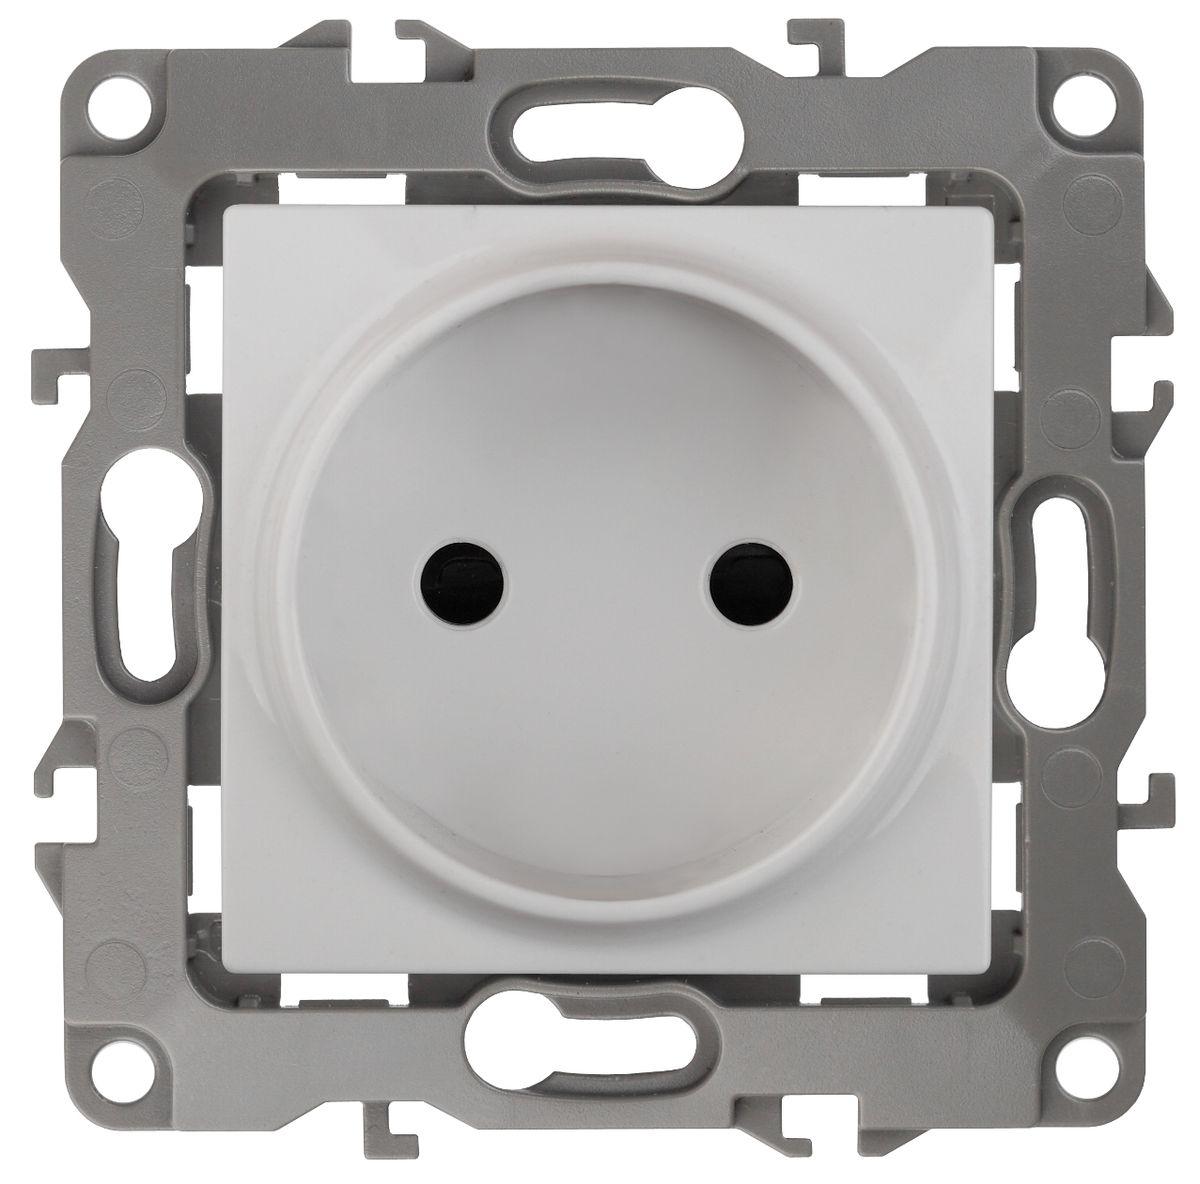 Розетка ЭРА 2P, 16АХ-250В, Эра12, белый12-2105-01Автоматические зажимы. Такие зажимы кабеля обеспечивают быстрый и надежный монтаж изделия к электросети без отвертки и не требуют обслуживания в отличие от винтовых зажимов.